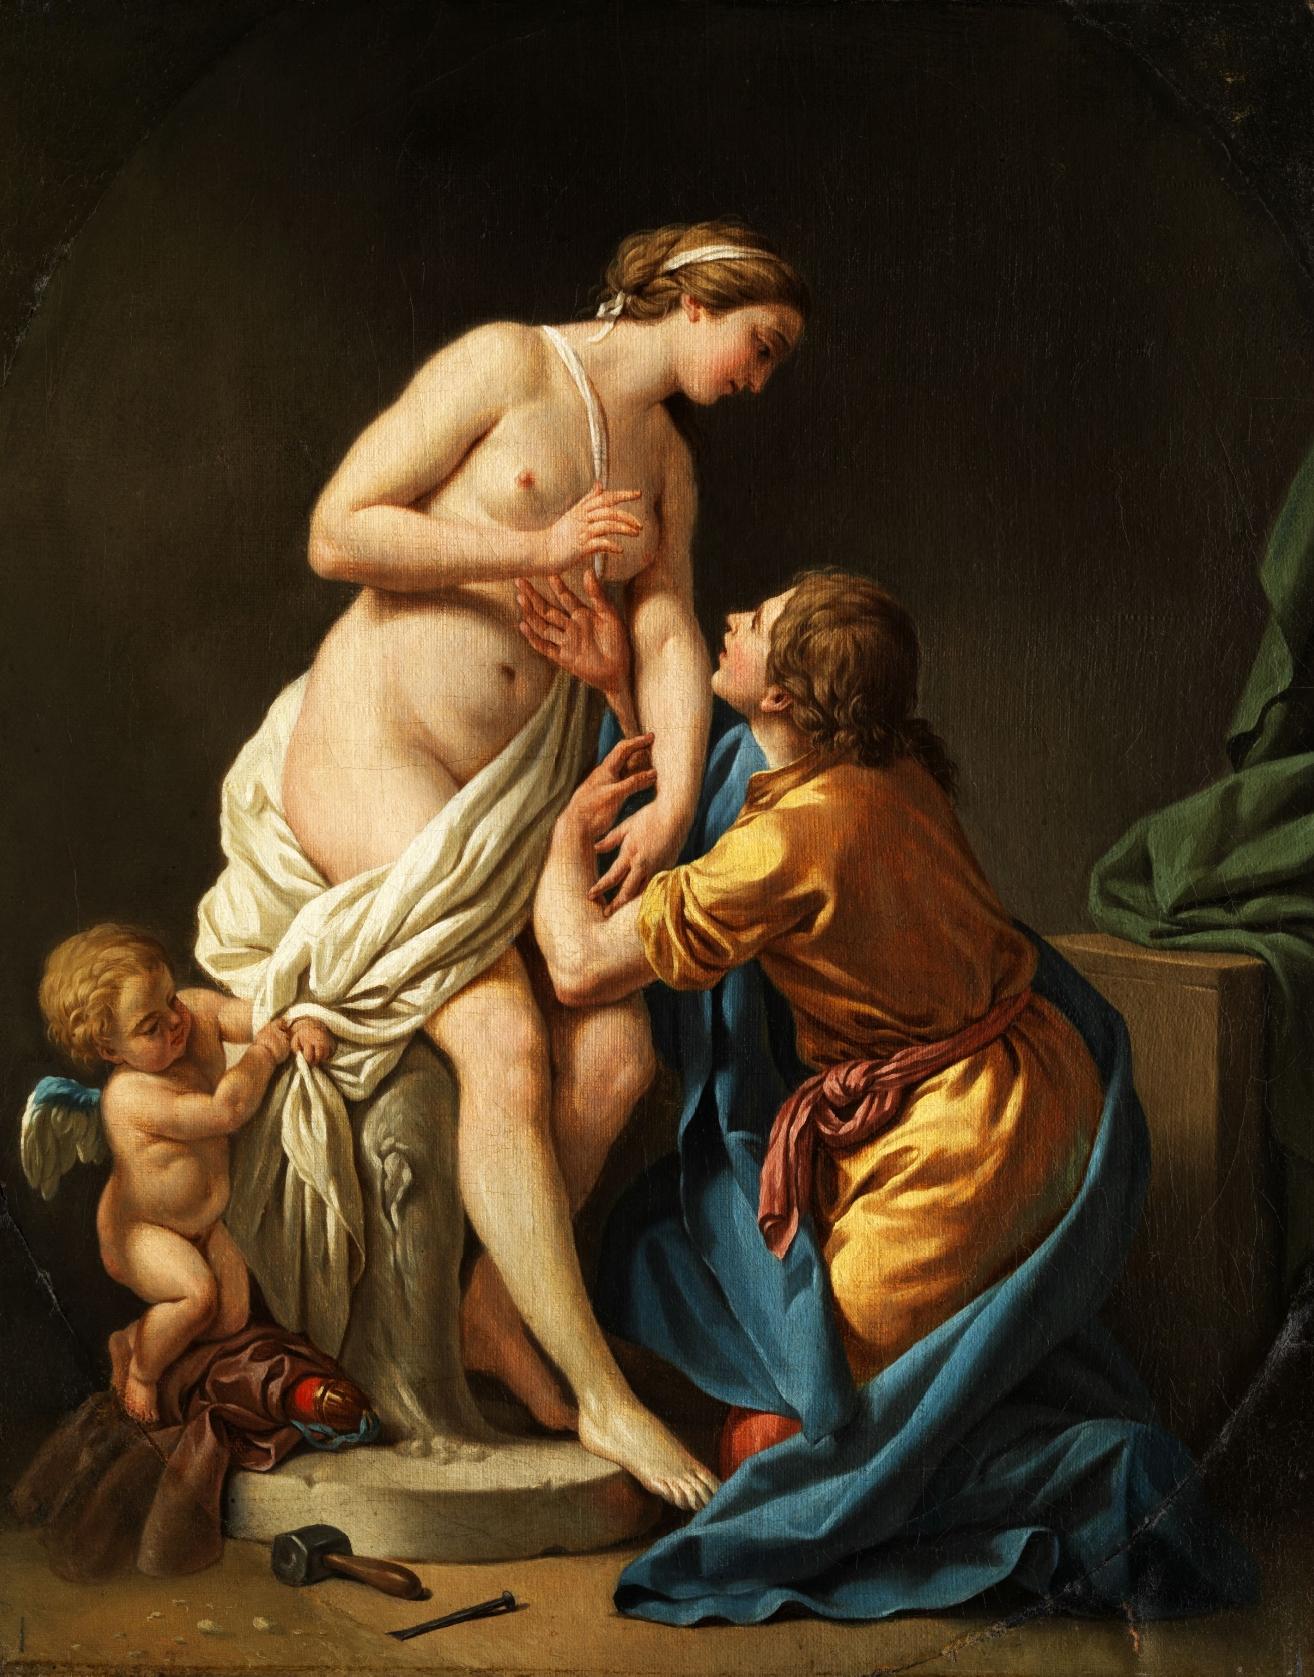 Αποτέλεσμα εικόνας για PYGMALION AND GALATEA - Louis Jean François Lagrenée